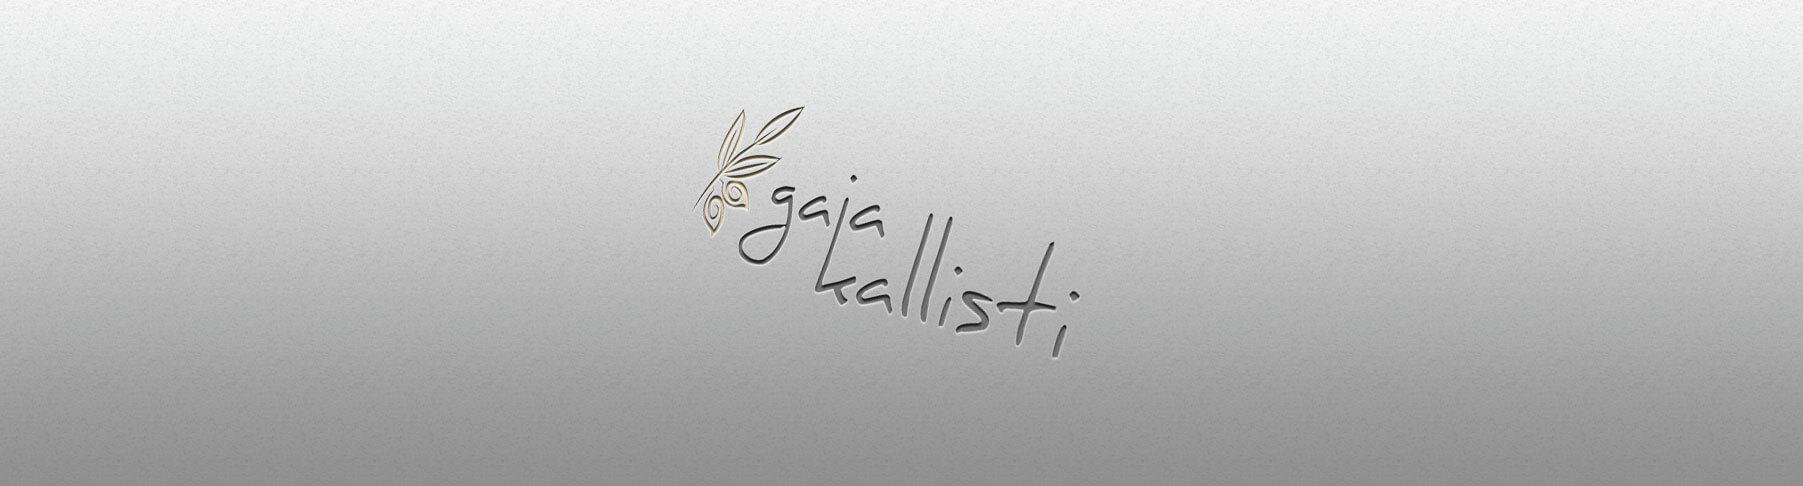 gaia-kallisti-logo